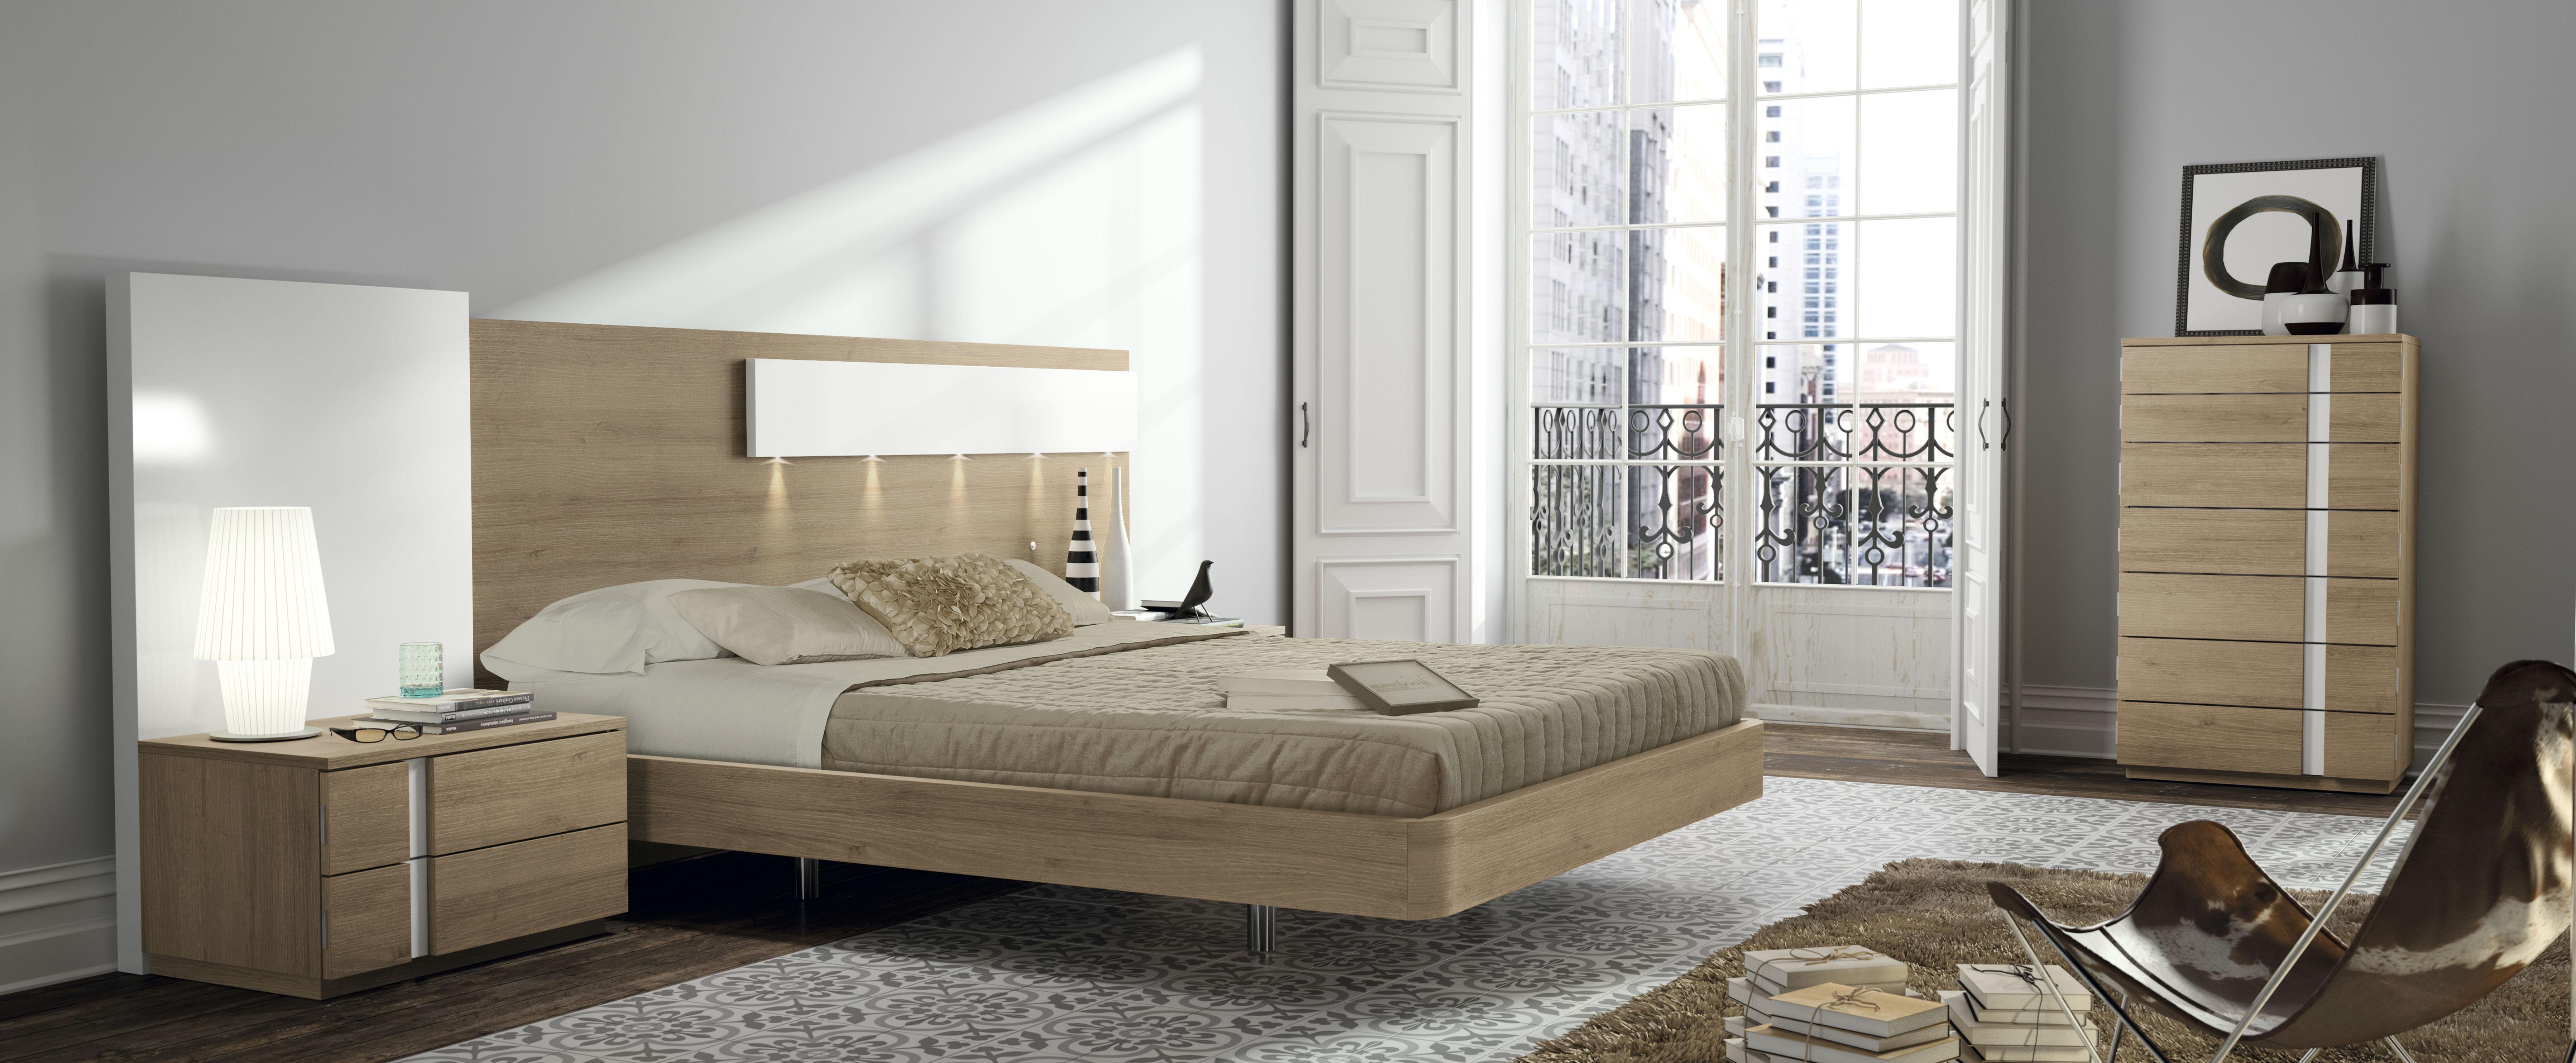 Dormitorio Nogal/ Blanco lacado 137